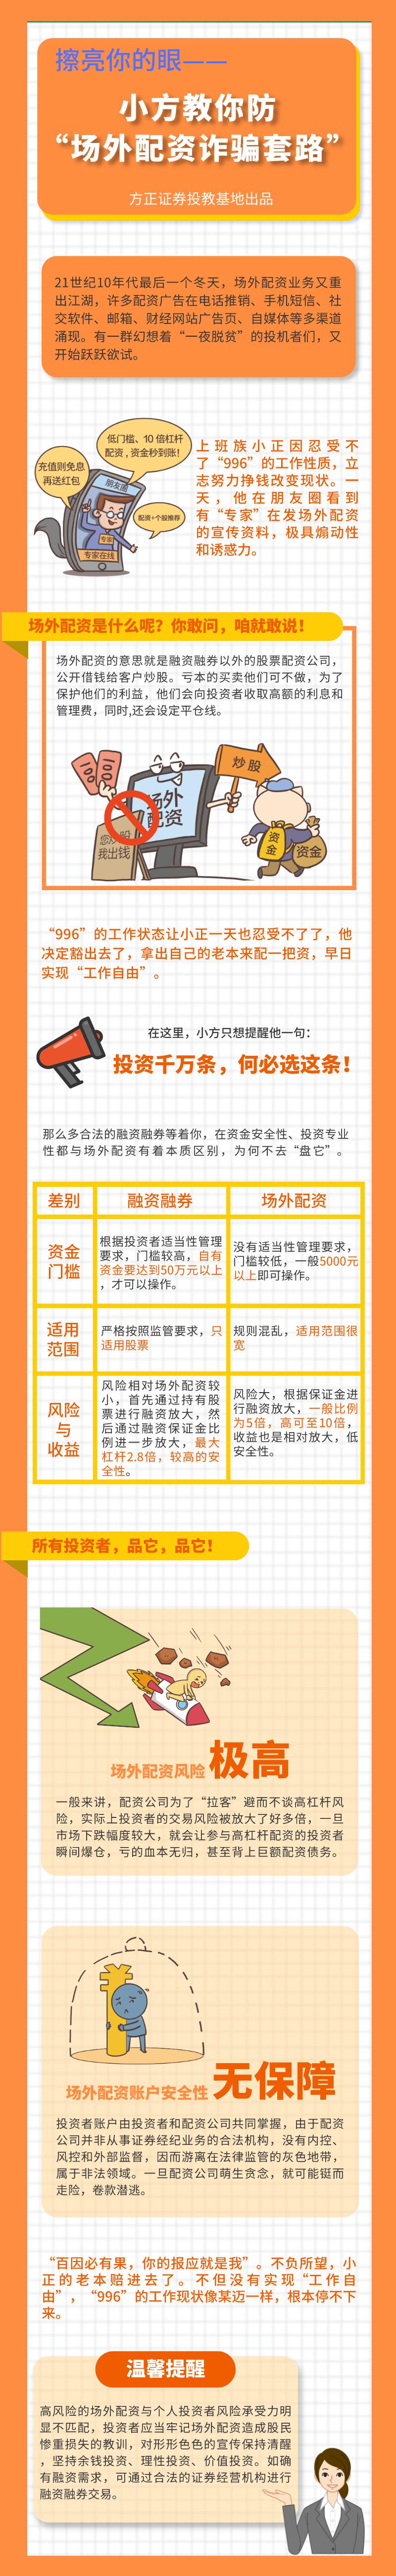 """擦亮你的眼——小方教你防""""场外配资诈骗套路"""".jpg"""